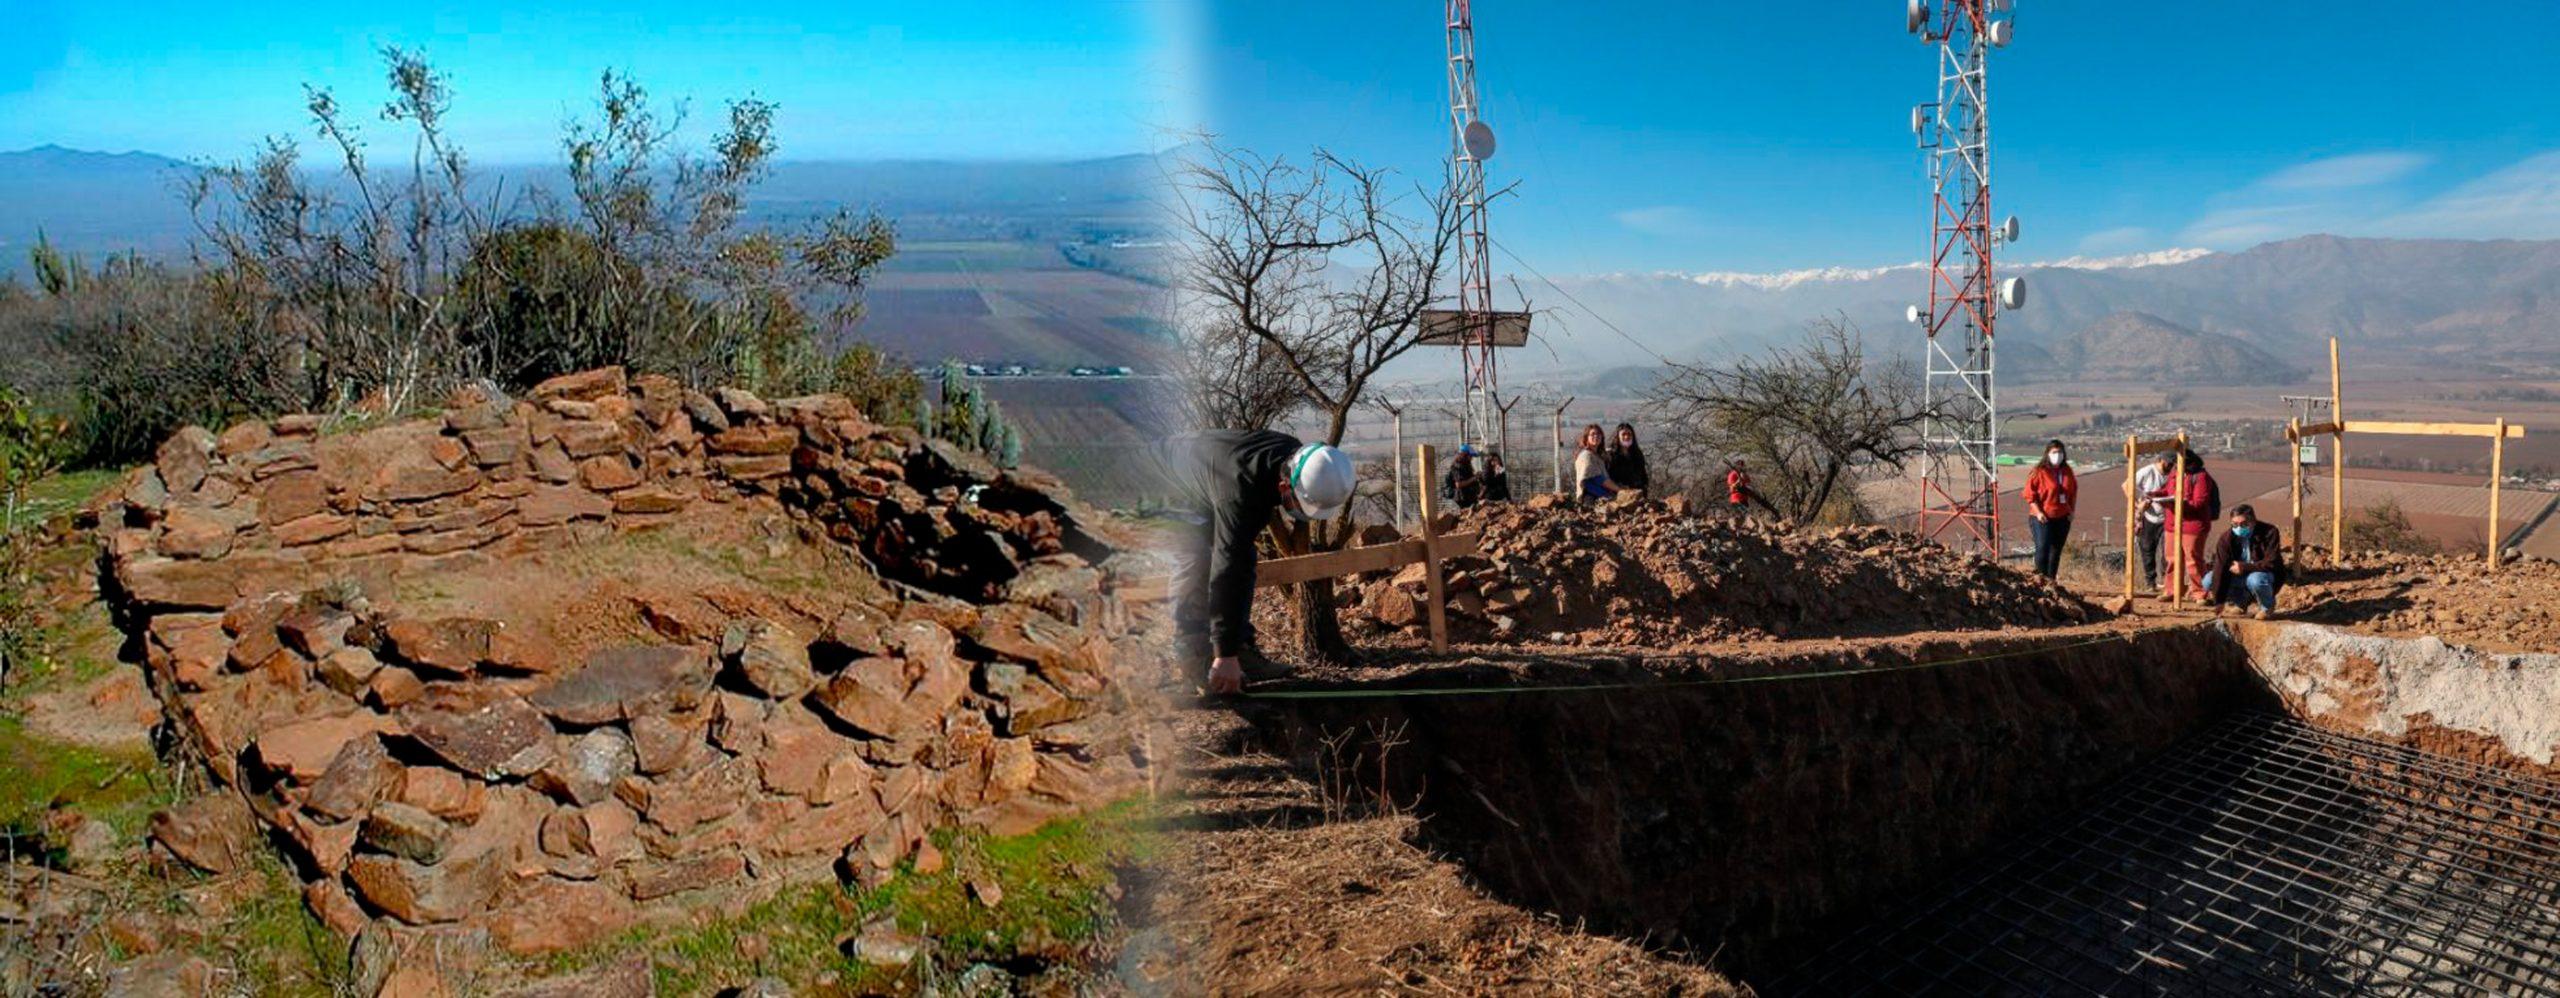 Pucará del cerro La Compañía: La fortificación histórica que cayó por la conectividad telefónica